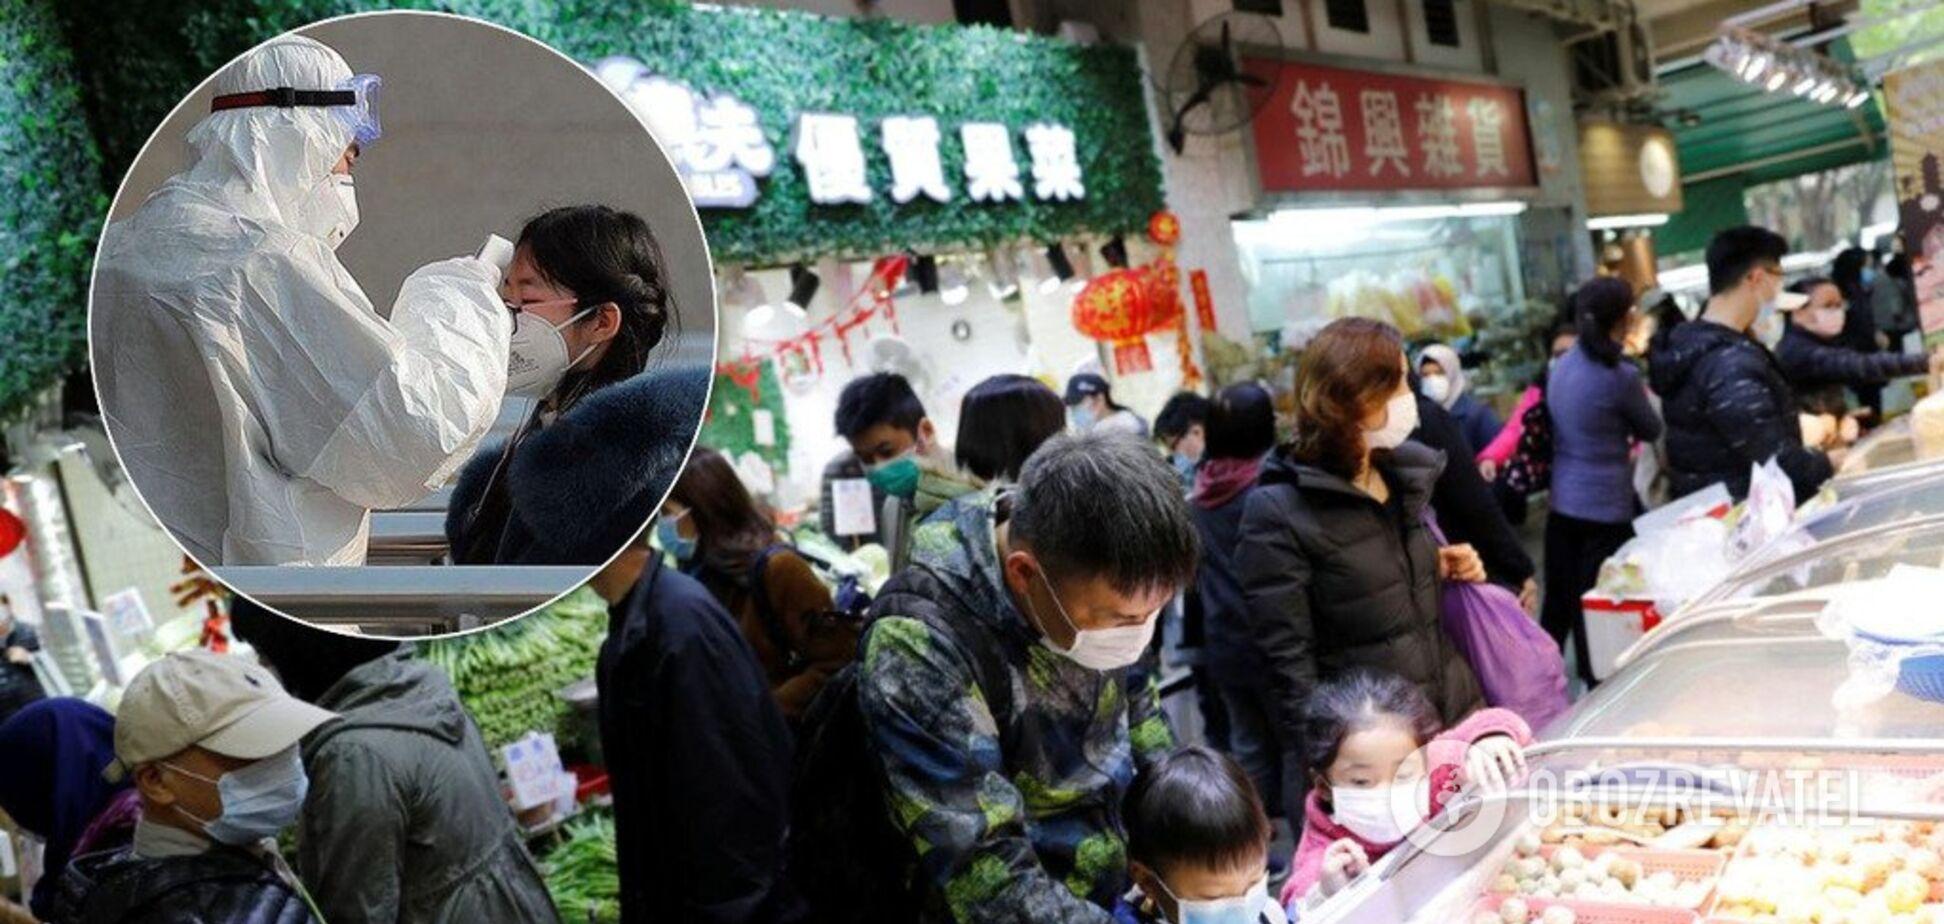 Спустошують магазини: у Гонконзі спалахнула паніка через коронавірус